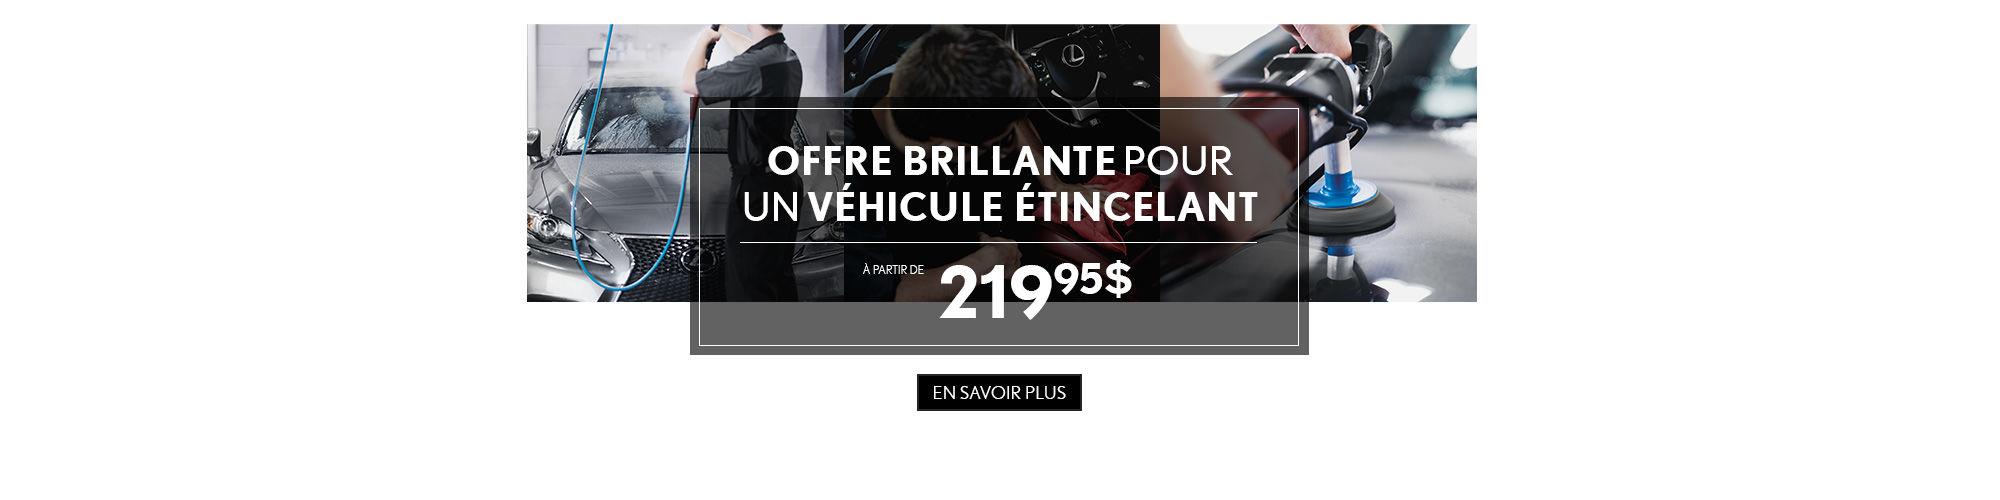 Offre brillante Lexus